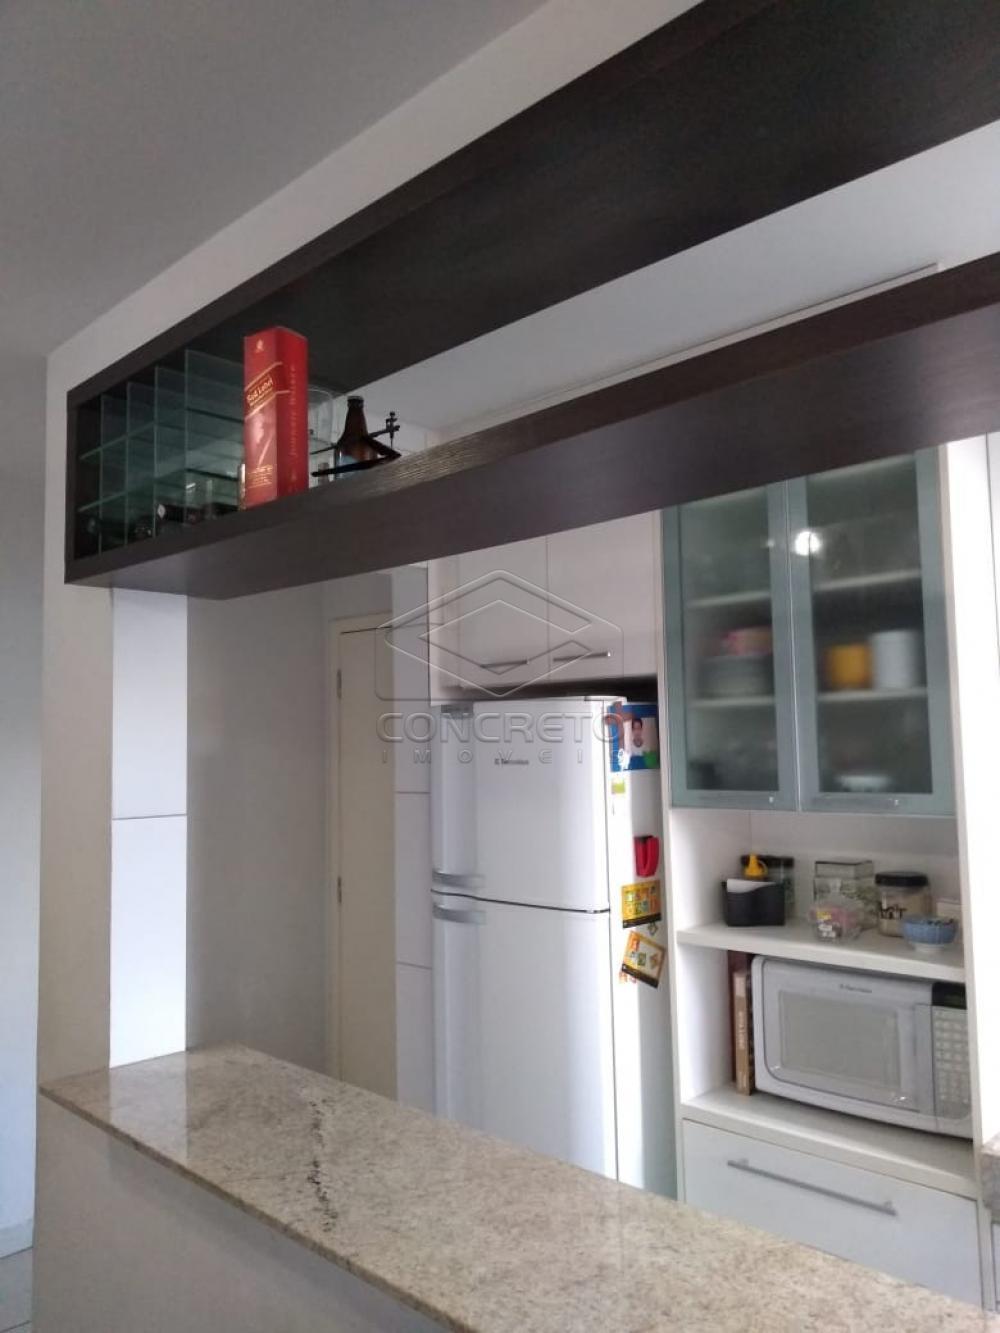 Comprar Apartamento / Padrão em Bauru R$ 220.000,00 - Foto 10